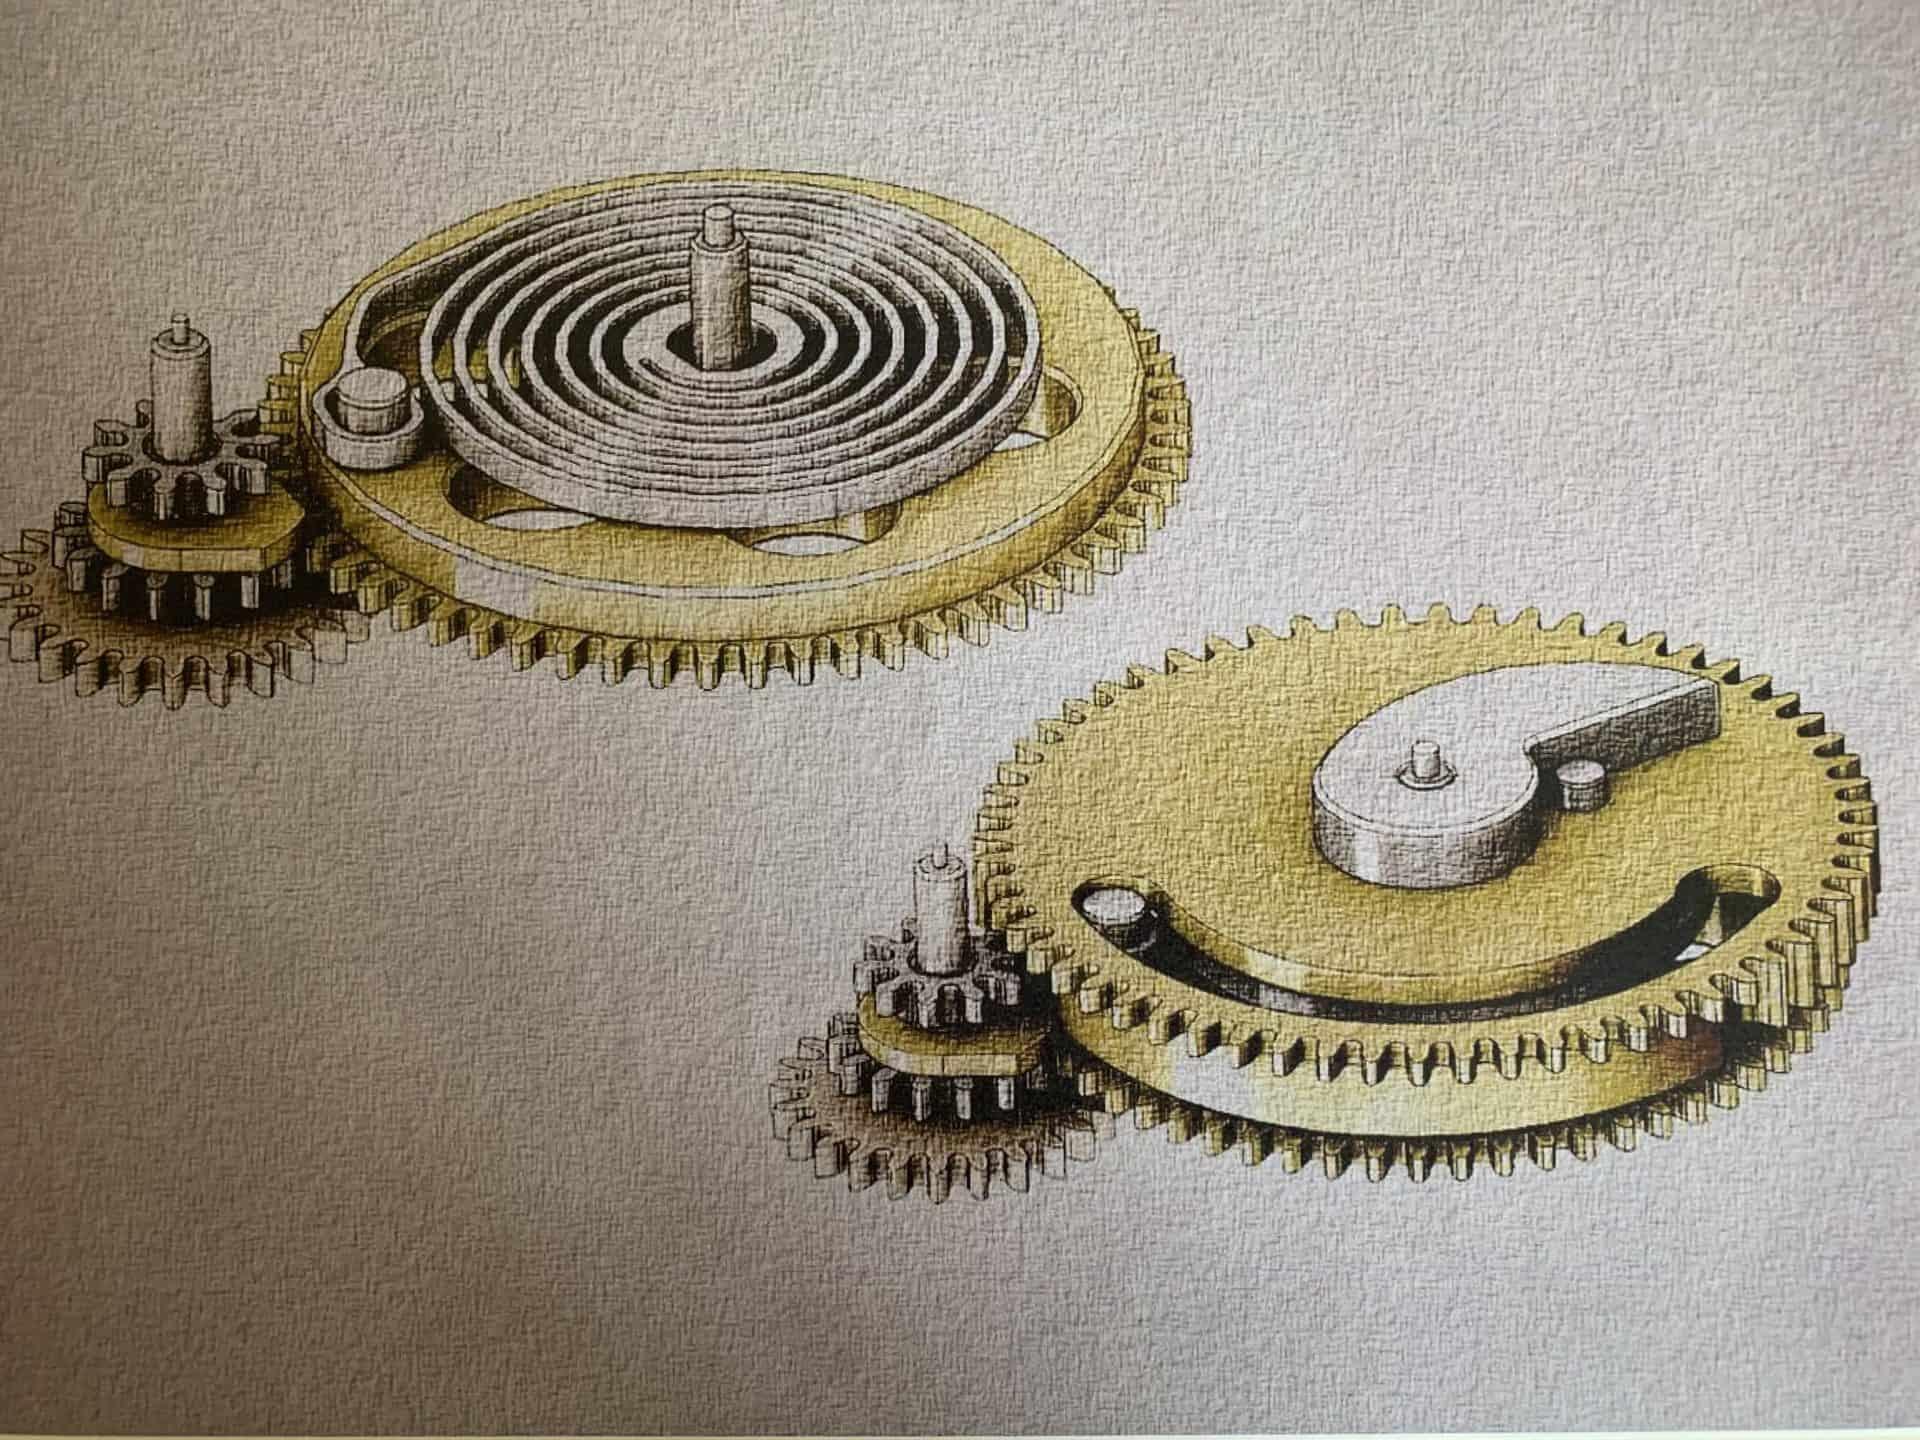 Vacheron Constantin Twin Beat Ewiger Kalender Patentierte Mechanik zur Datumsschaltung 01 Foto C Gisbert Brunner